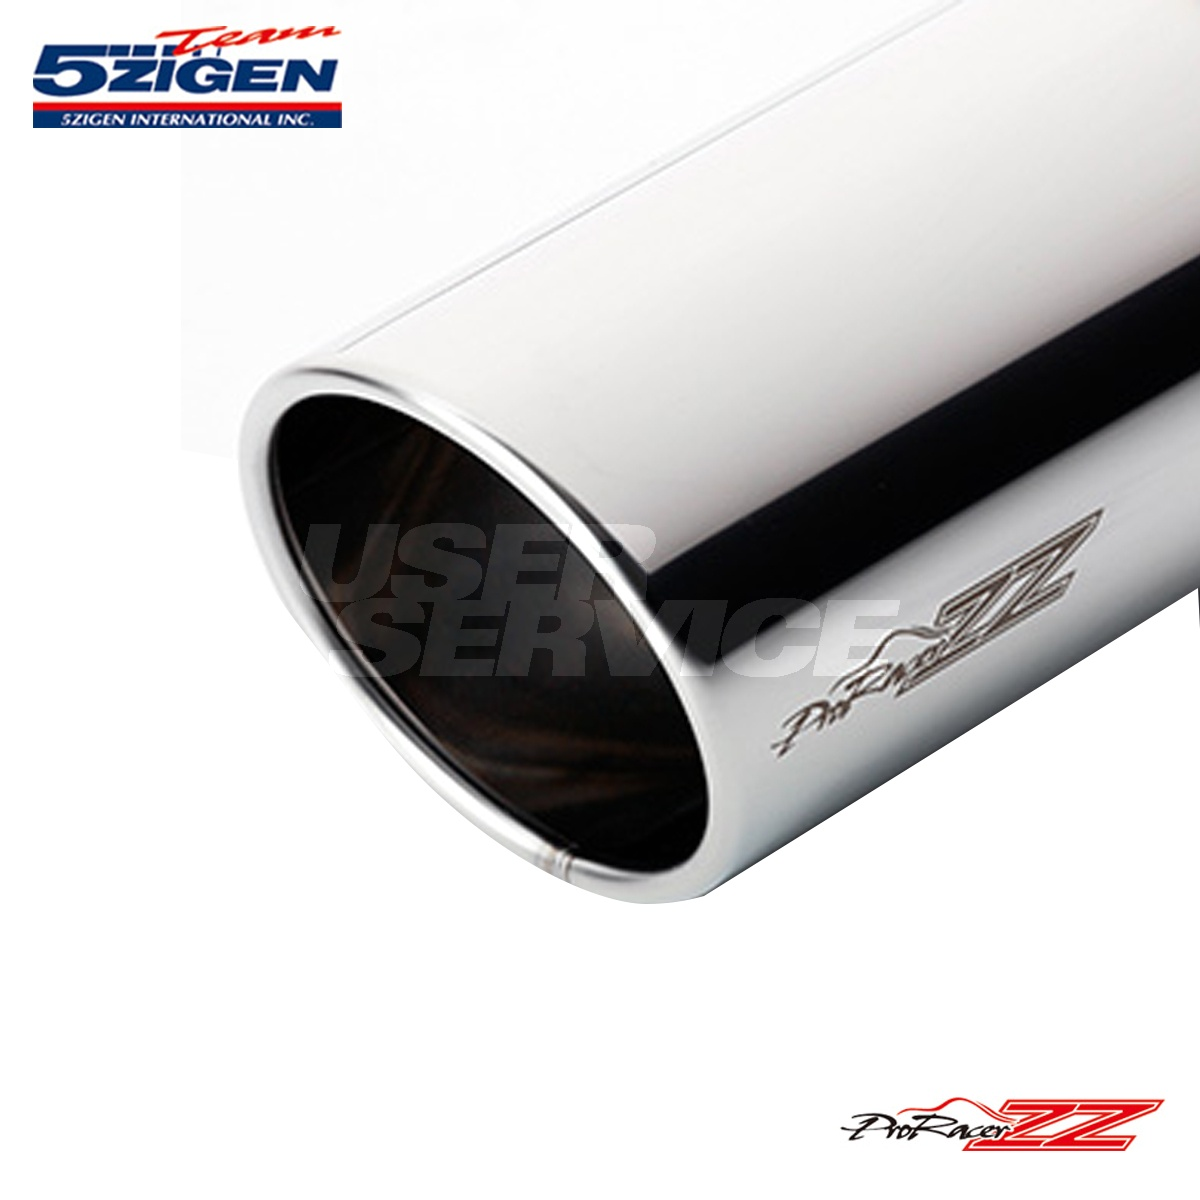 5次元 プロレーサーZZ マーク2チェイサー GF-JZX100 マフラー 品番:PZT-006 5ZIGEN